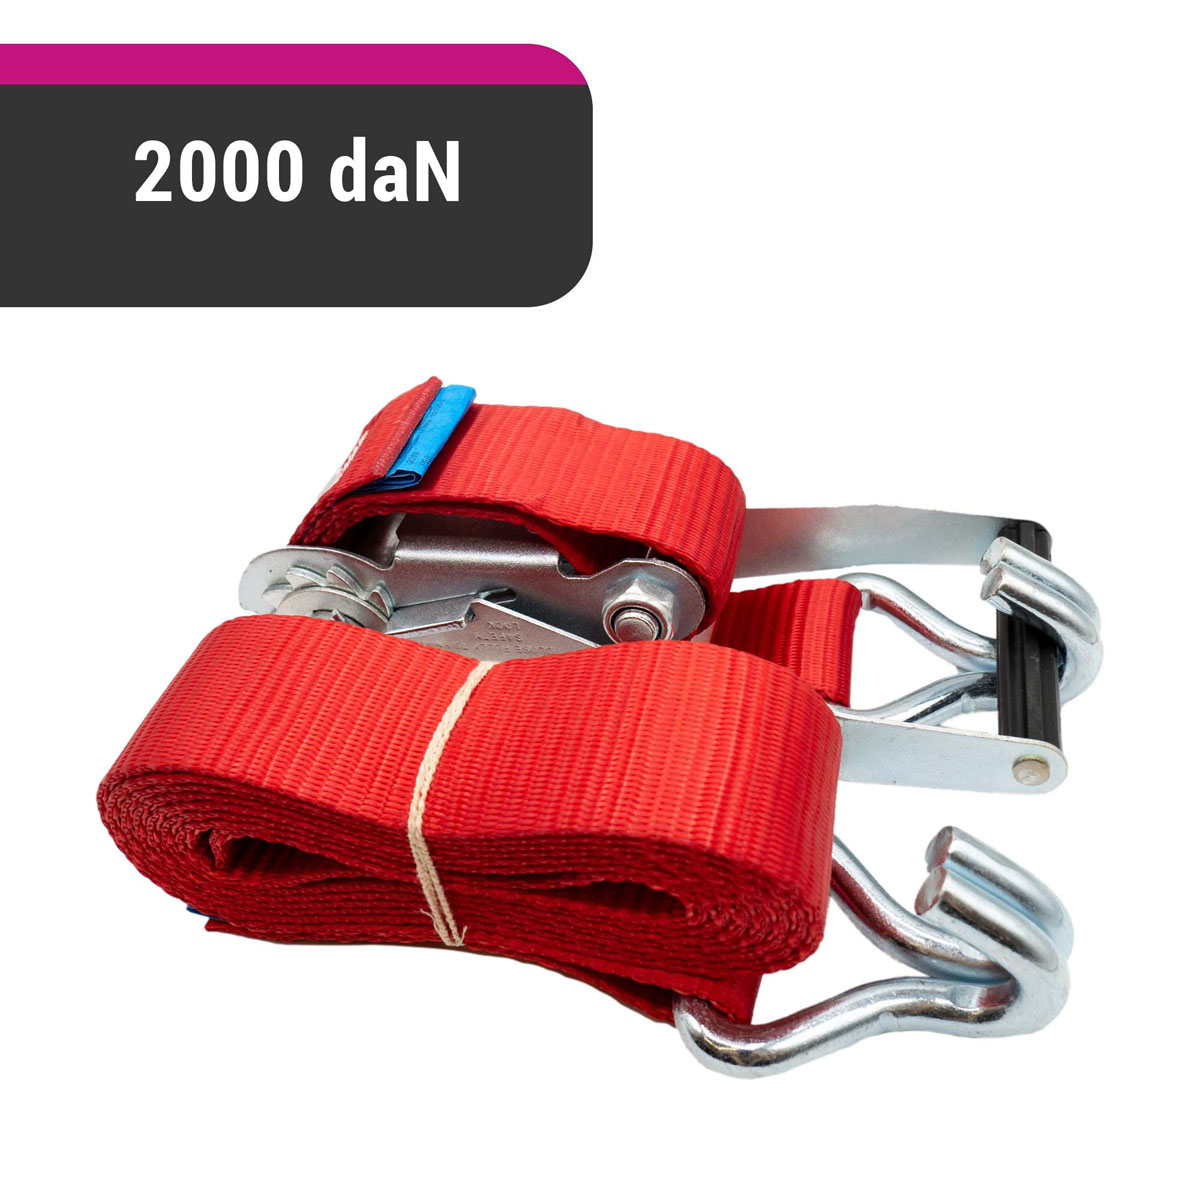 D&W HD Spanngurt 50mm x 3m 2000 daN